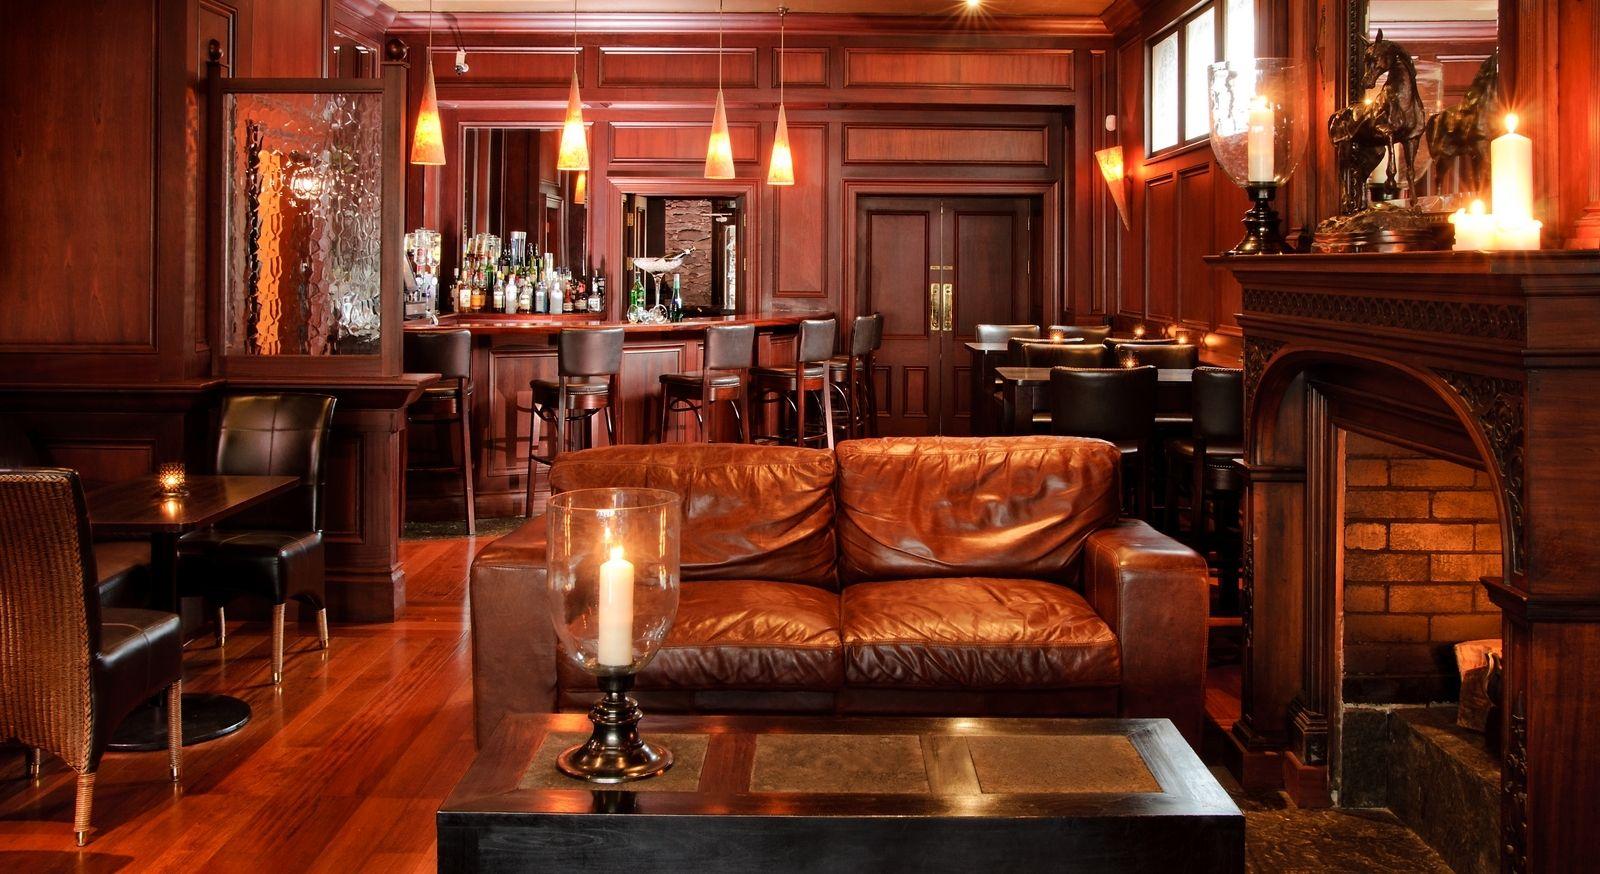 Cozy Pub In Ireland Pub Interior Pub Decor Home Pub